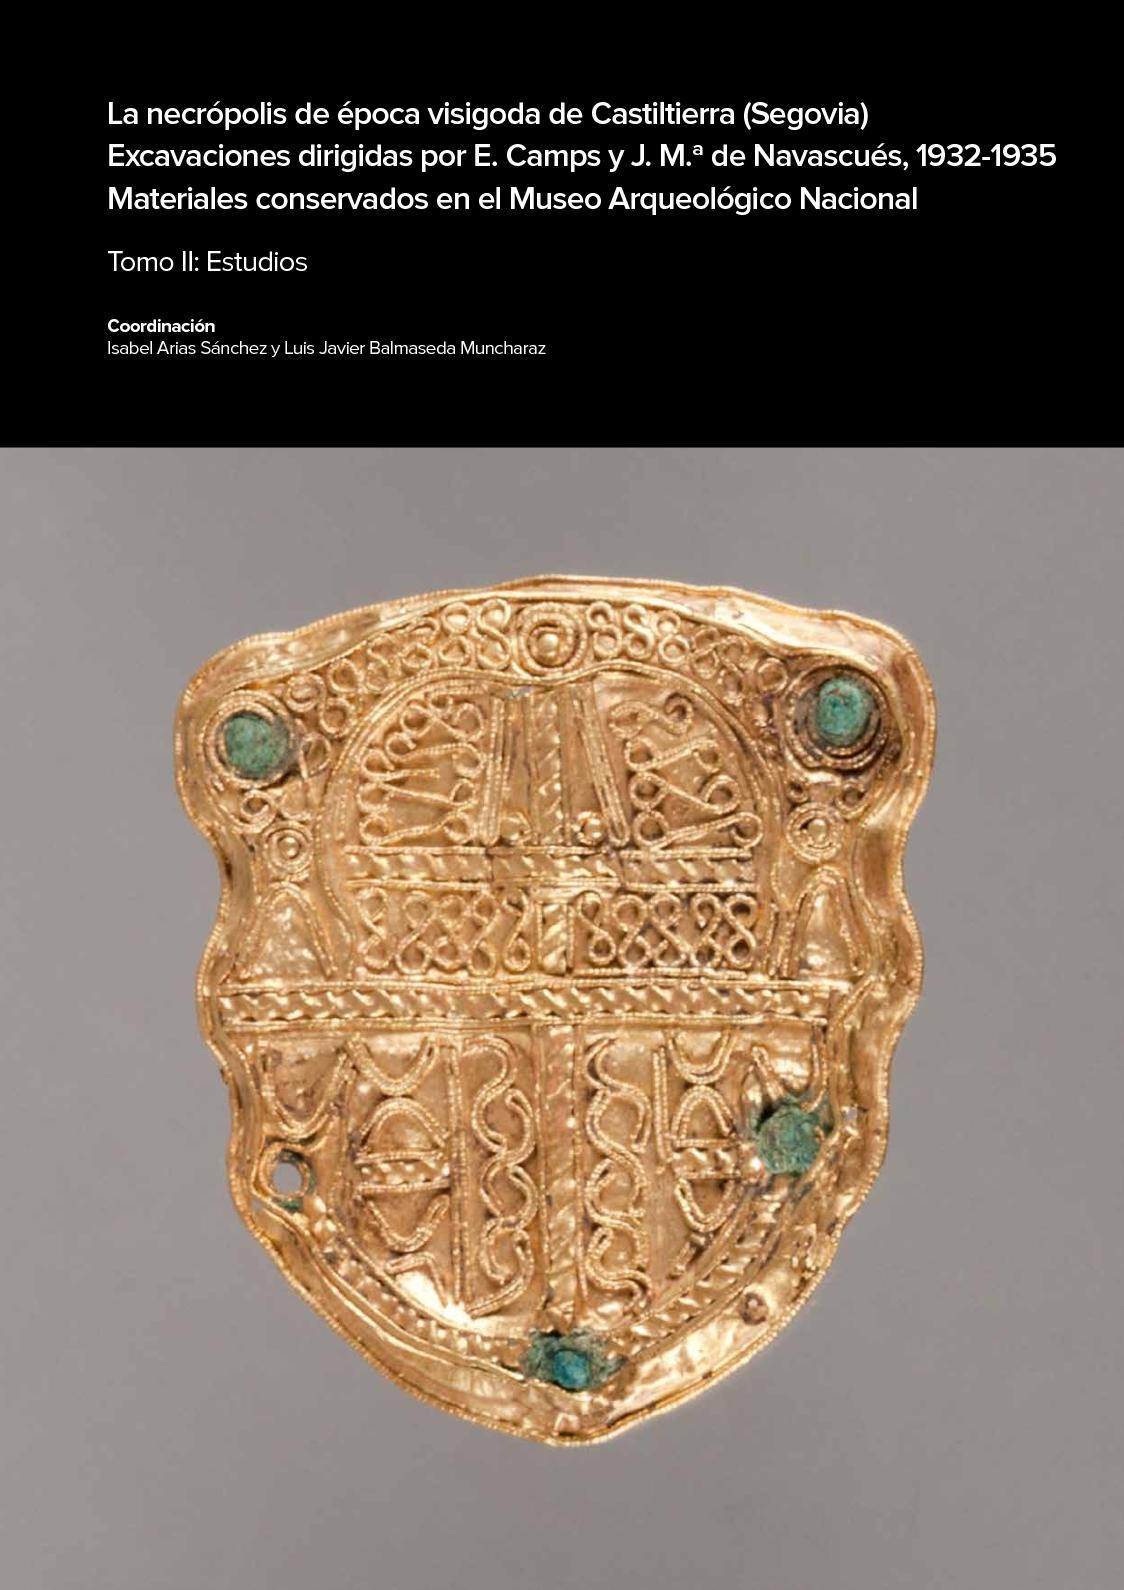 6214e3bdd19f Calaméo - La necrópolis de época visigoda de Castiltierra (Segovia).  Excavaciones dirigidas por E. Camps y J. M.ª de Navascués